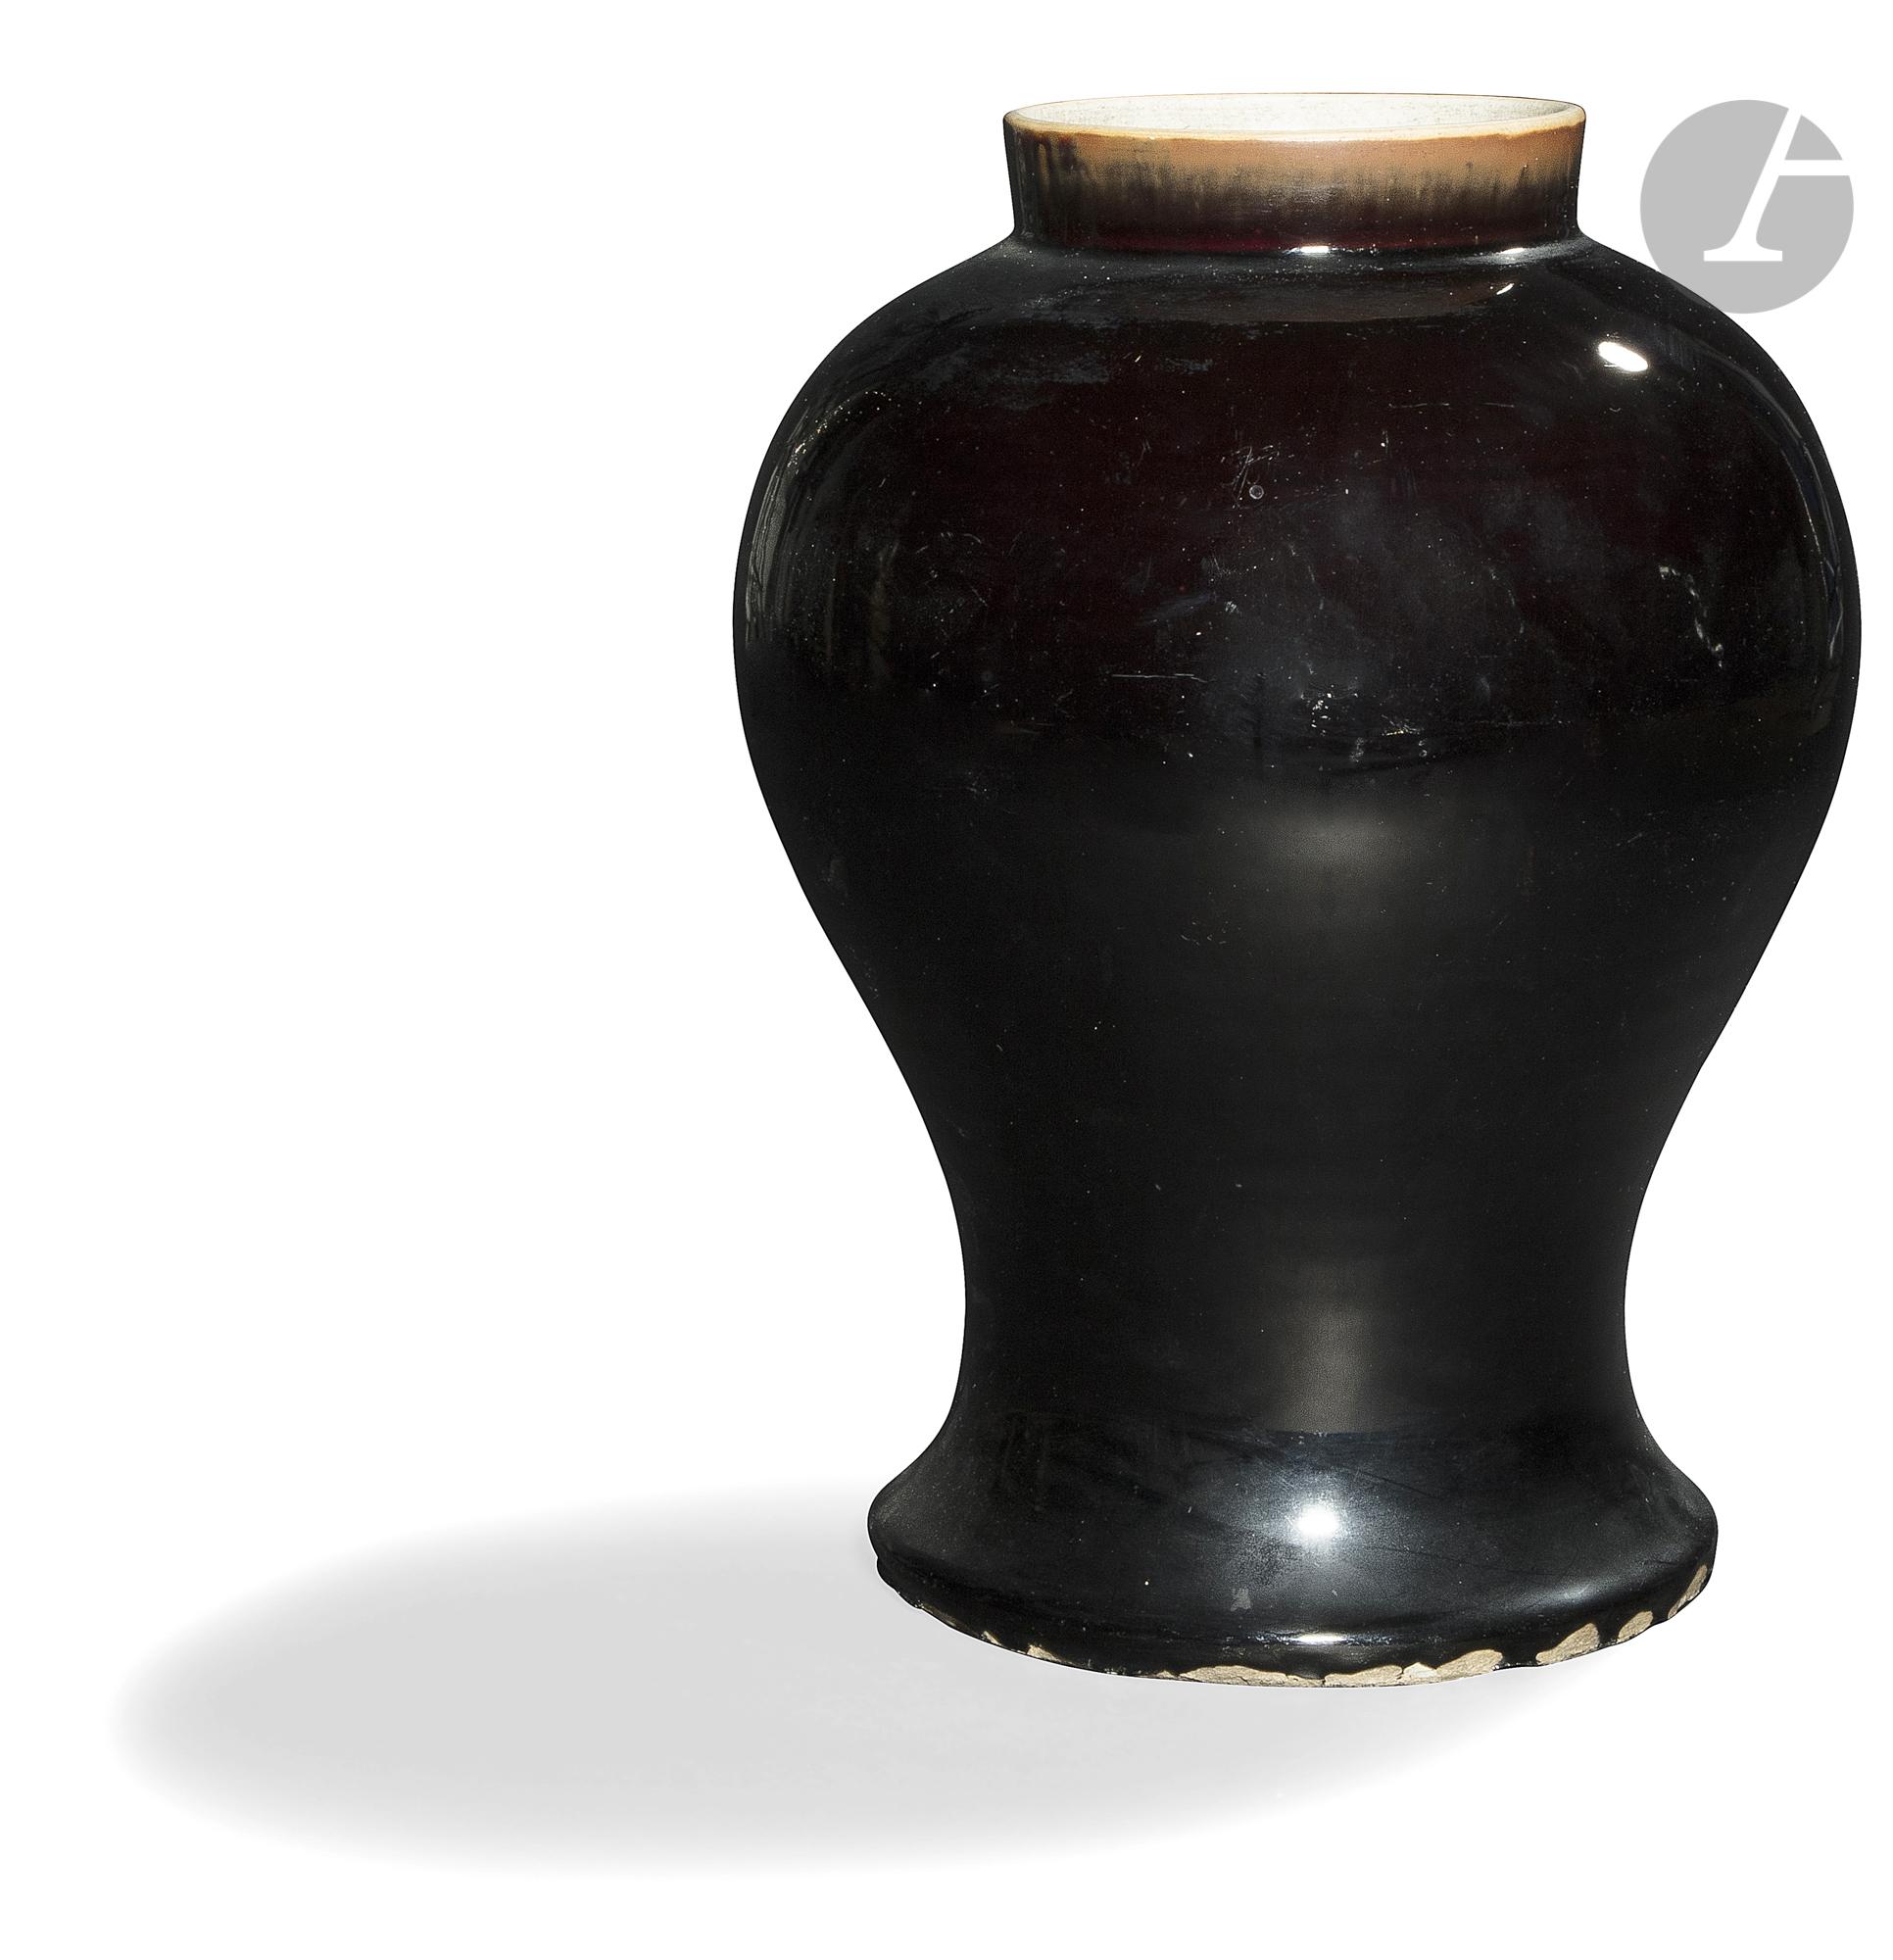 CHINE - XIXe siècle Vase balustre en porcelaine émaillée noire. (Bulle de cuisson). H. 36,5 cm